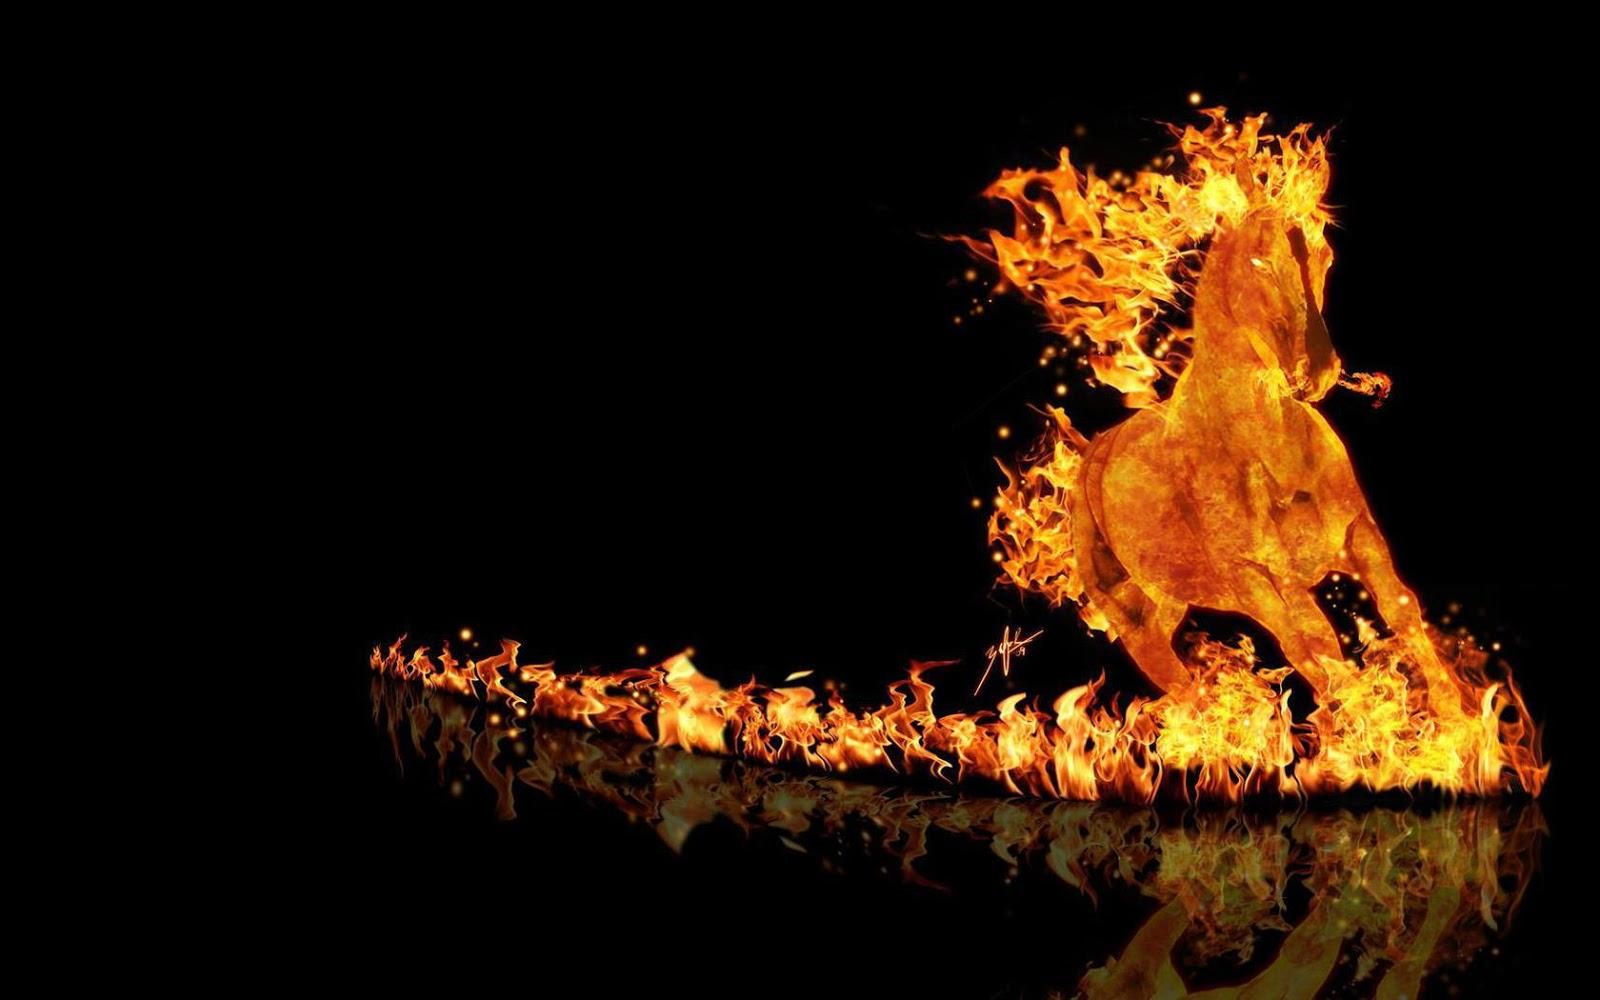 лошадь огненная картинки